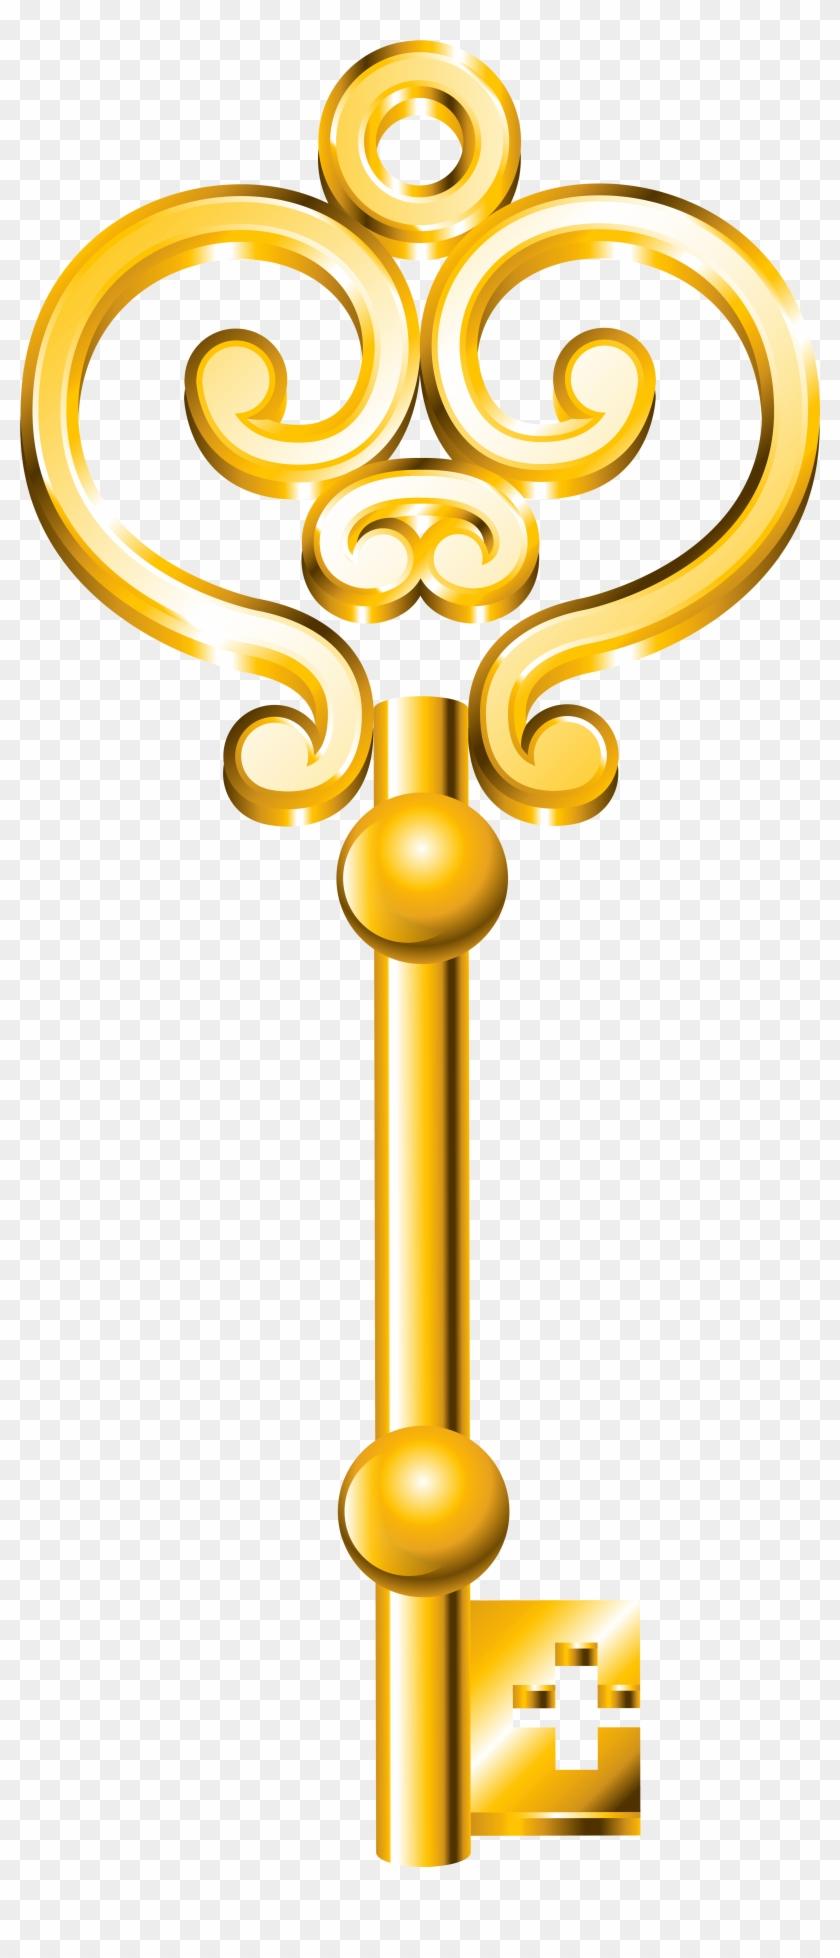 Golden Key Png Clip Art - Gold Key Png #282012